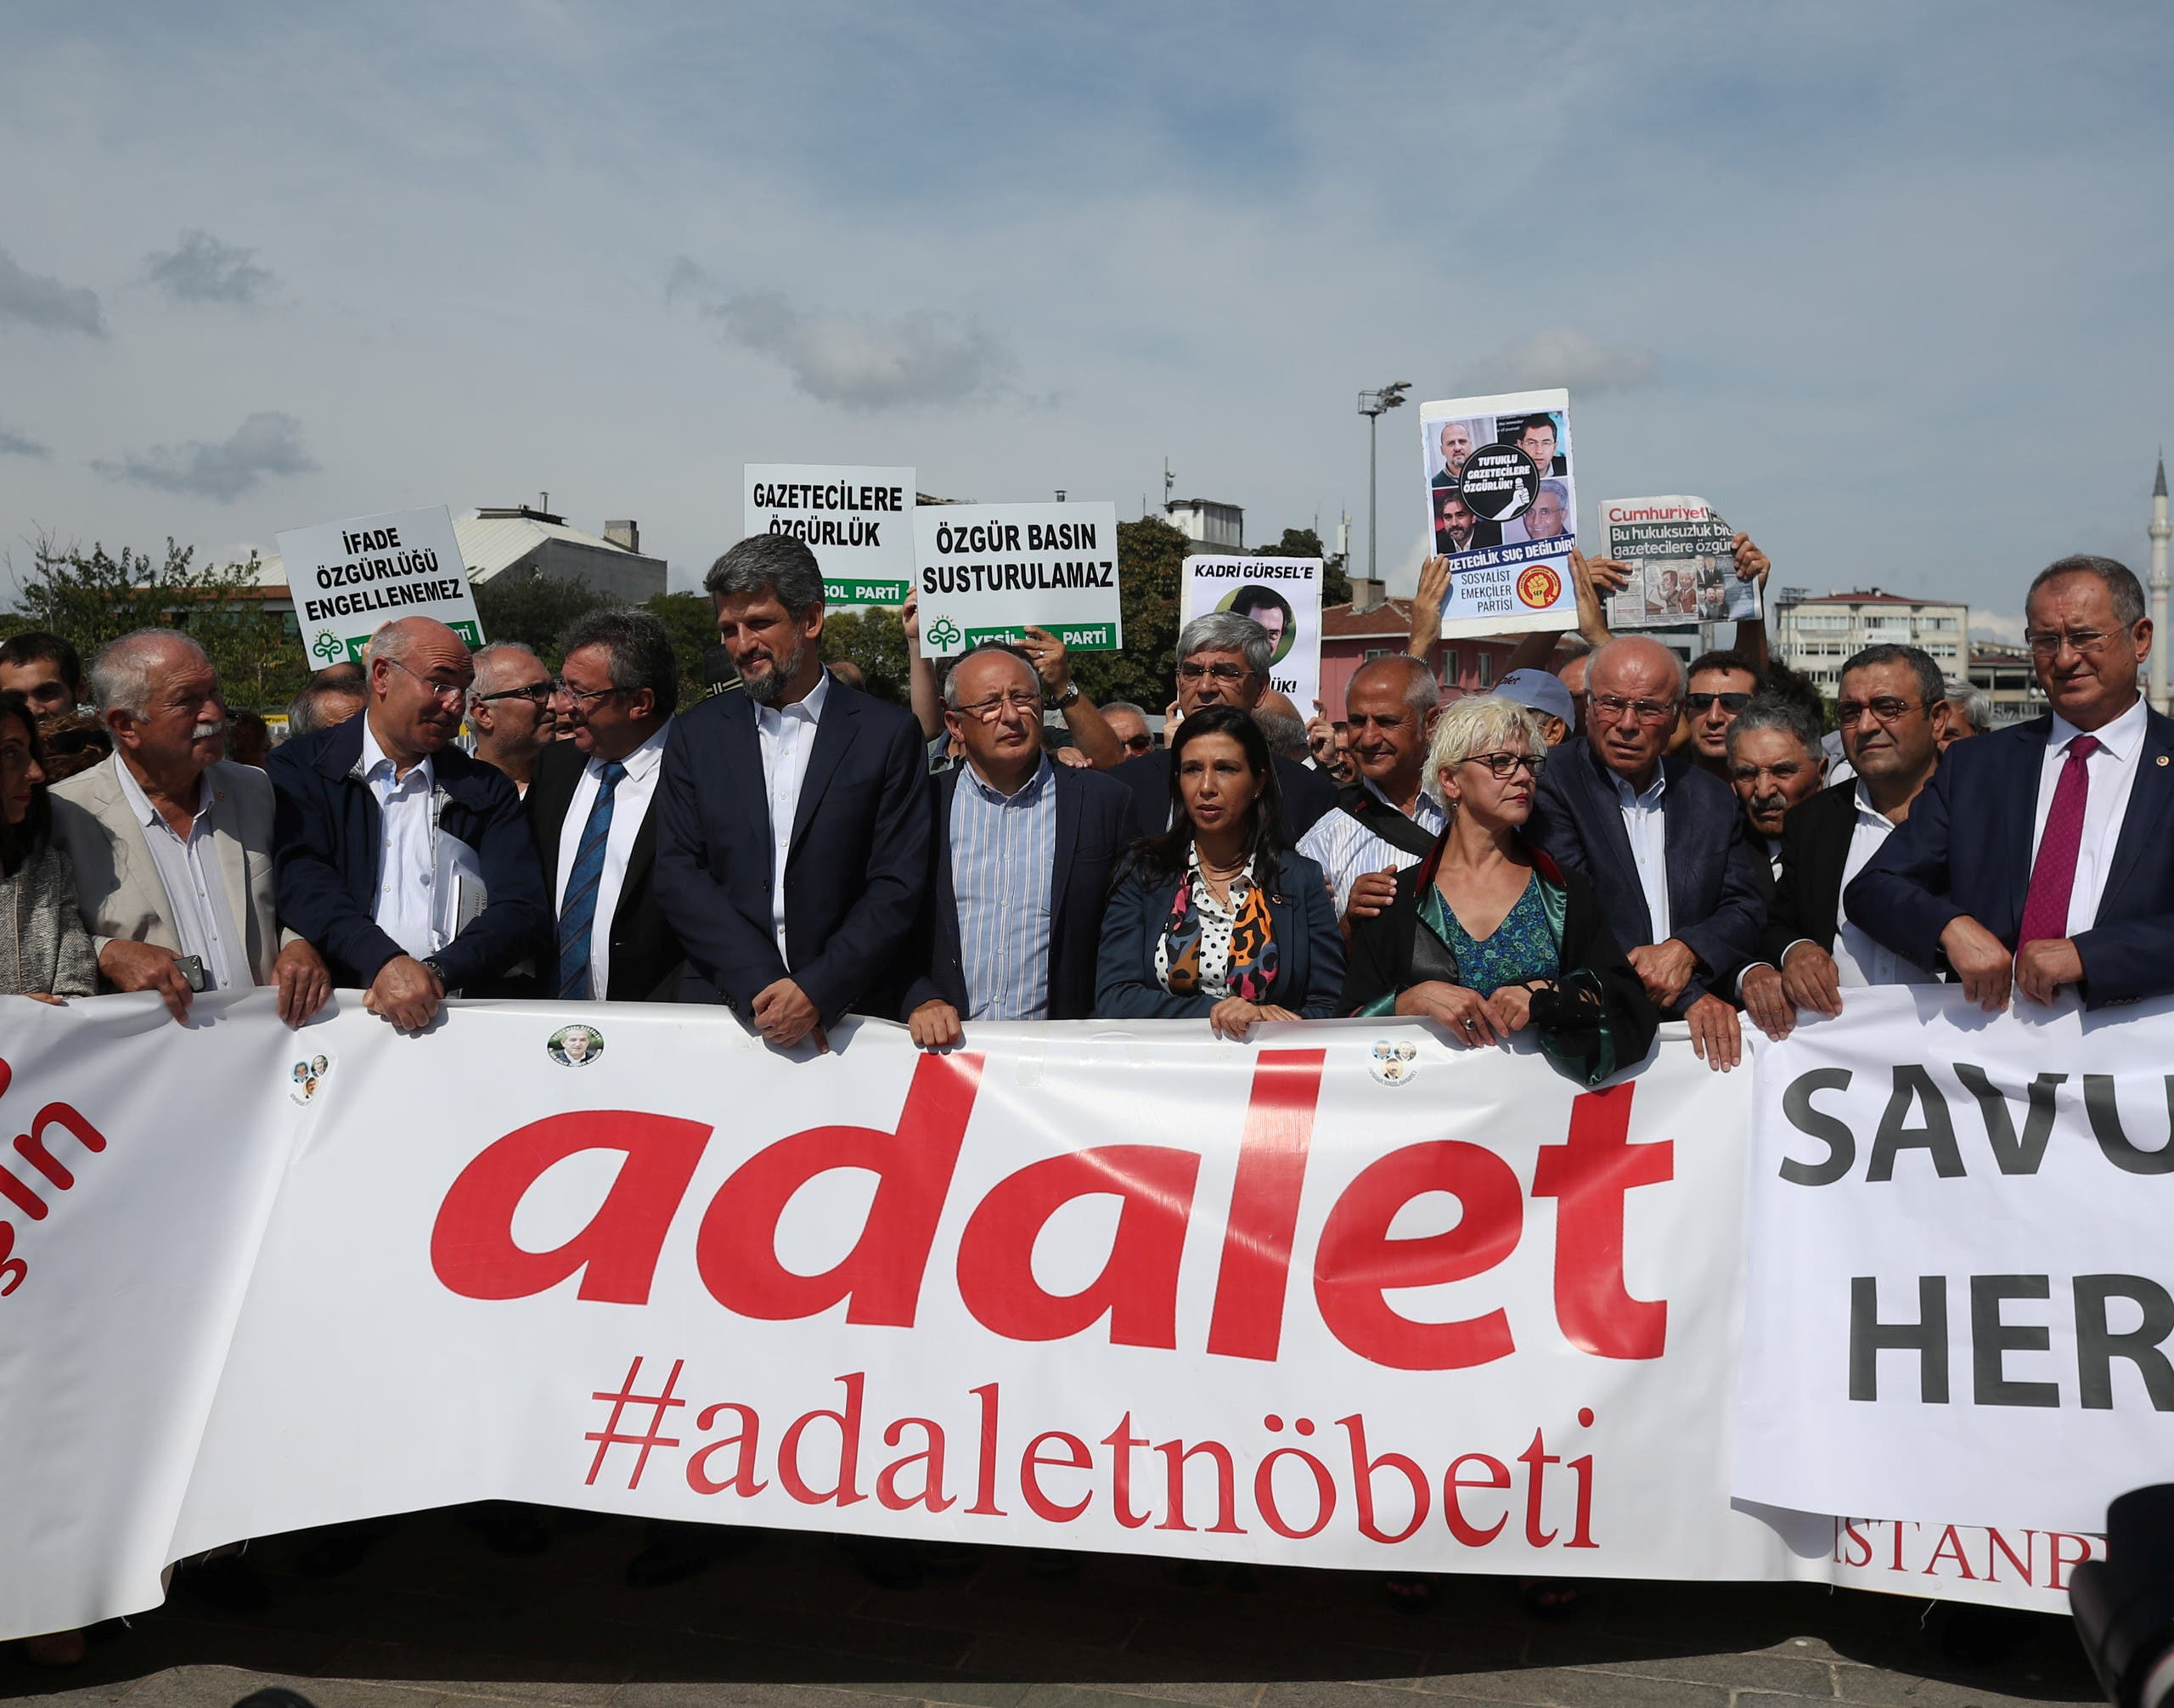 مظاهرة خارج محكمة في اسطنبول في سبتمبر 2017 للمطالبة بالافراج عن الصحفيين